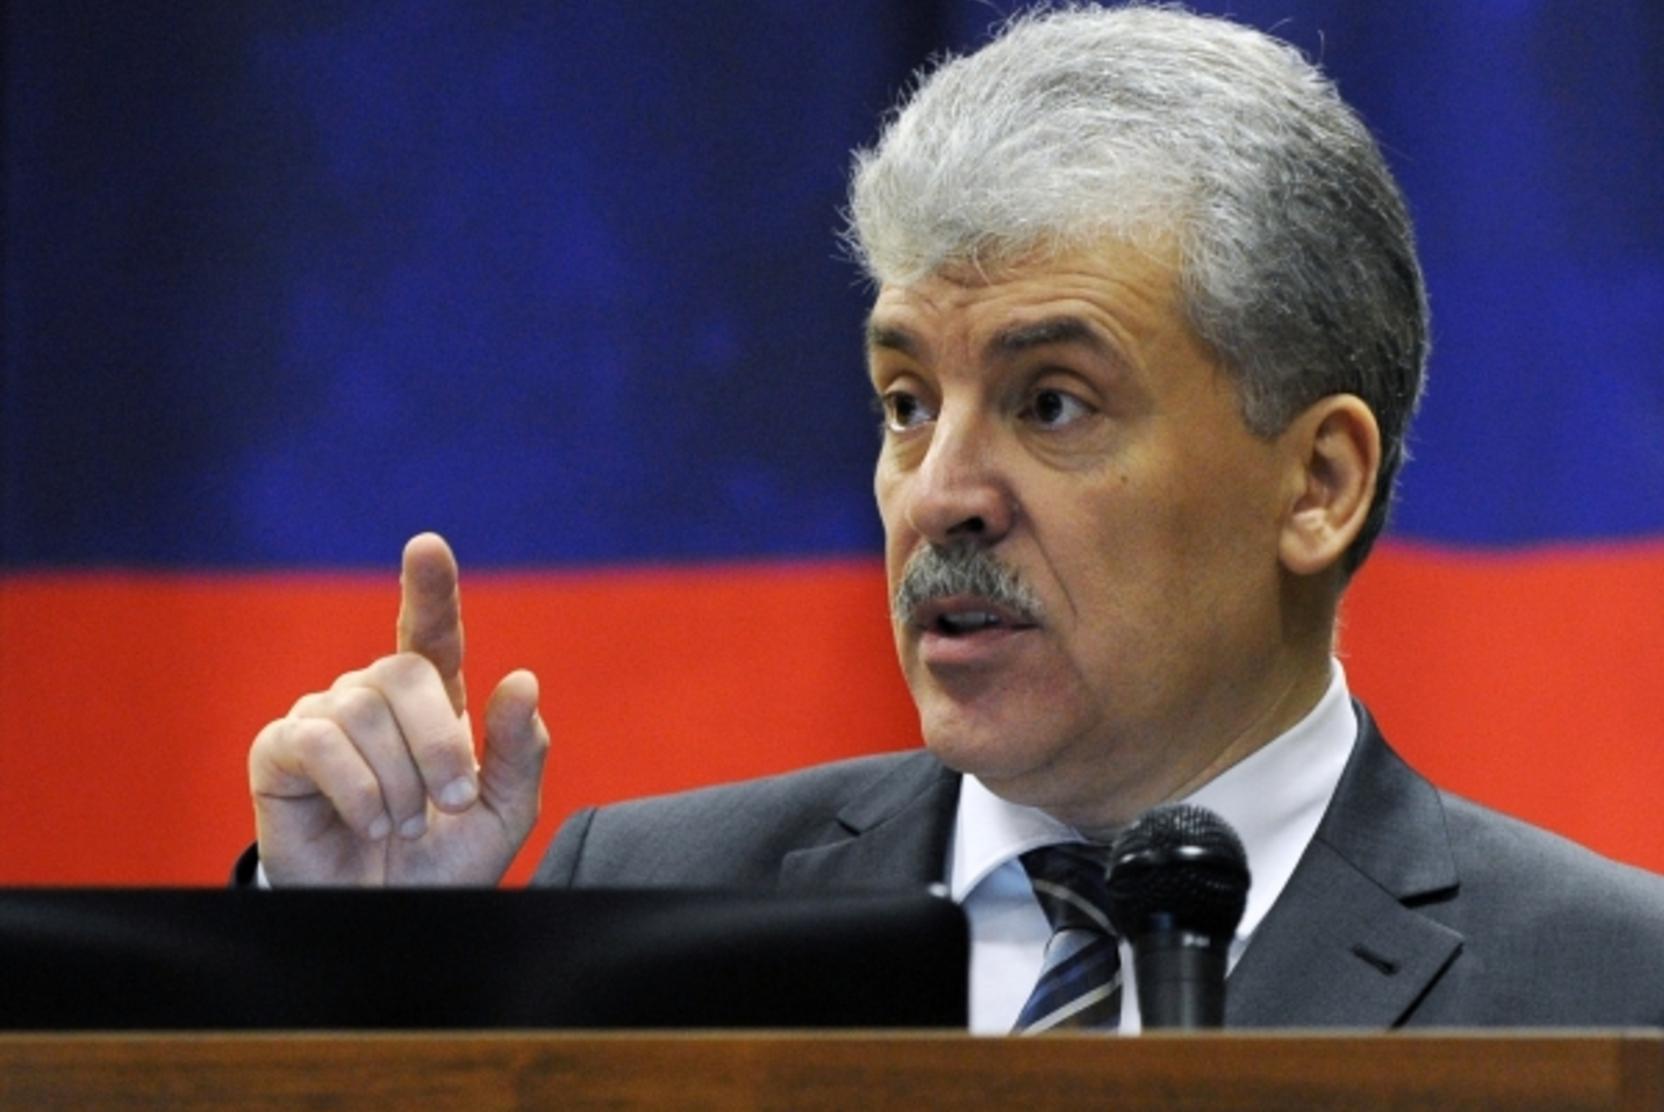 Грудинин прокомментировал отказ в регистрации кандидатом в депутаты Госдумы